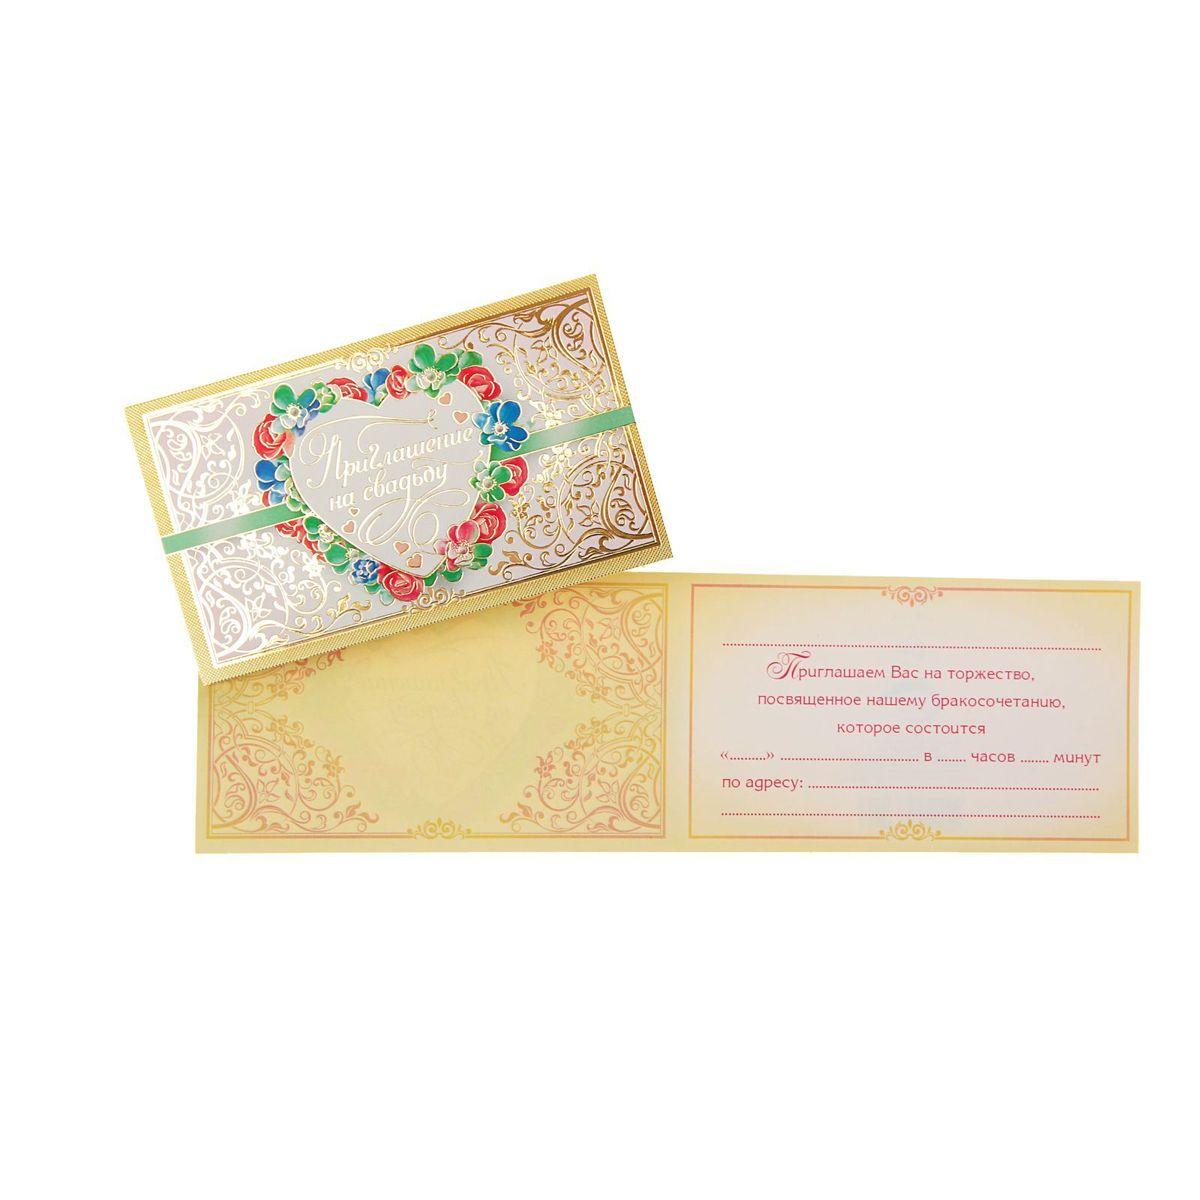 Мир открыток Приглашение на свадьбу, кремовый, узор, сердце из цветов